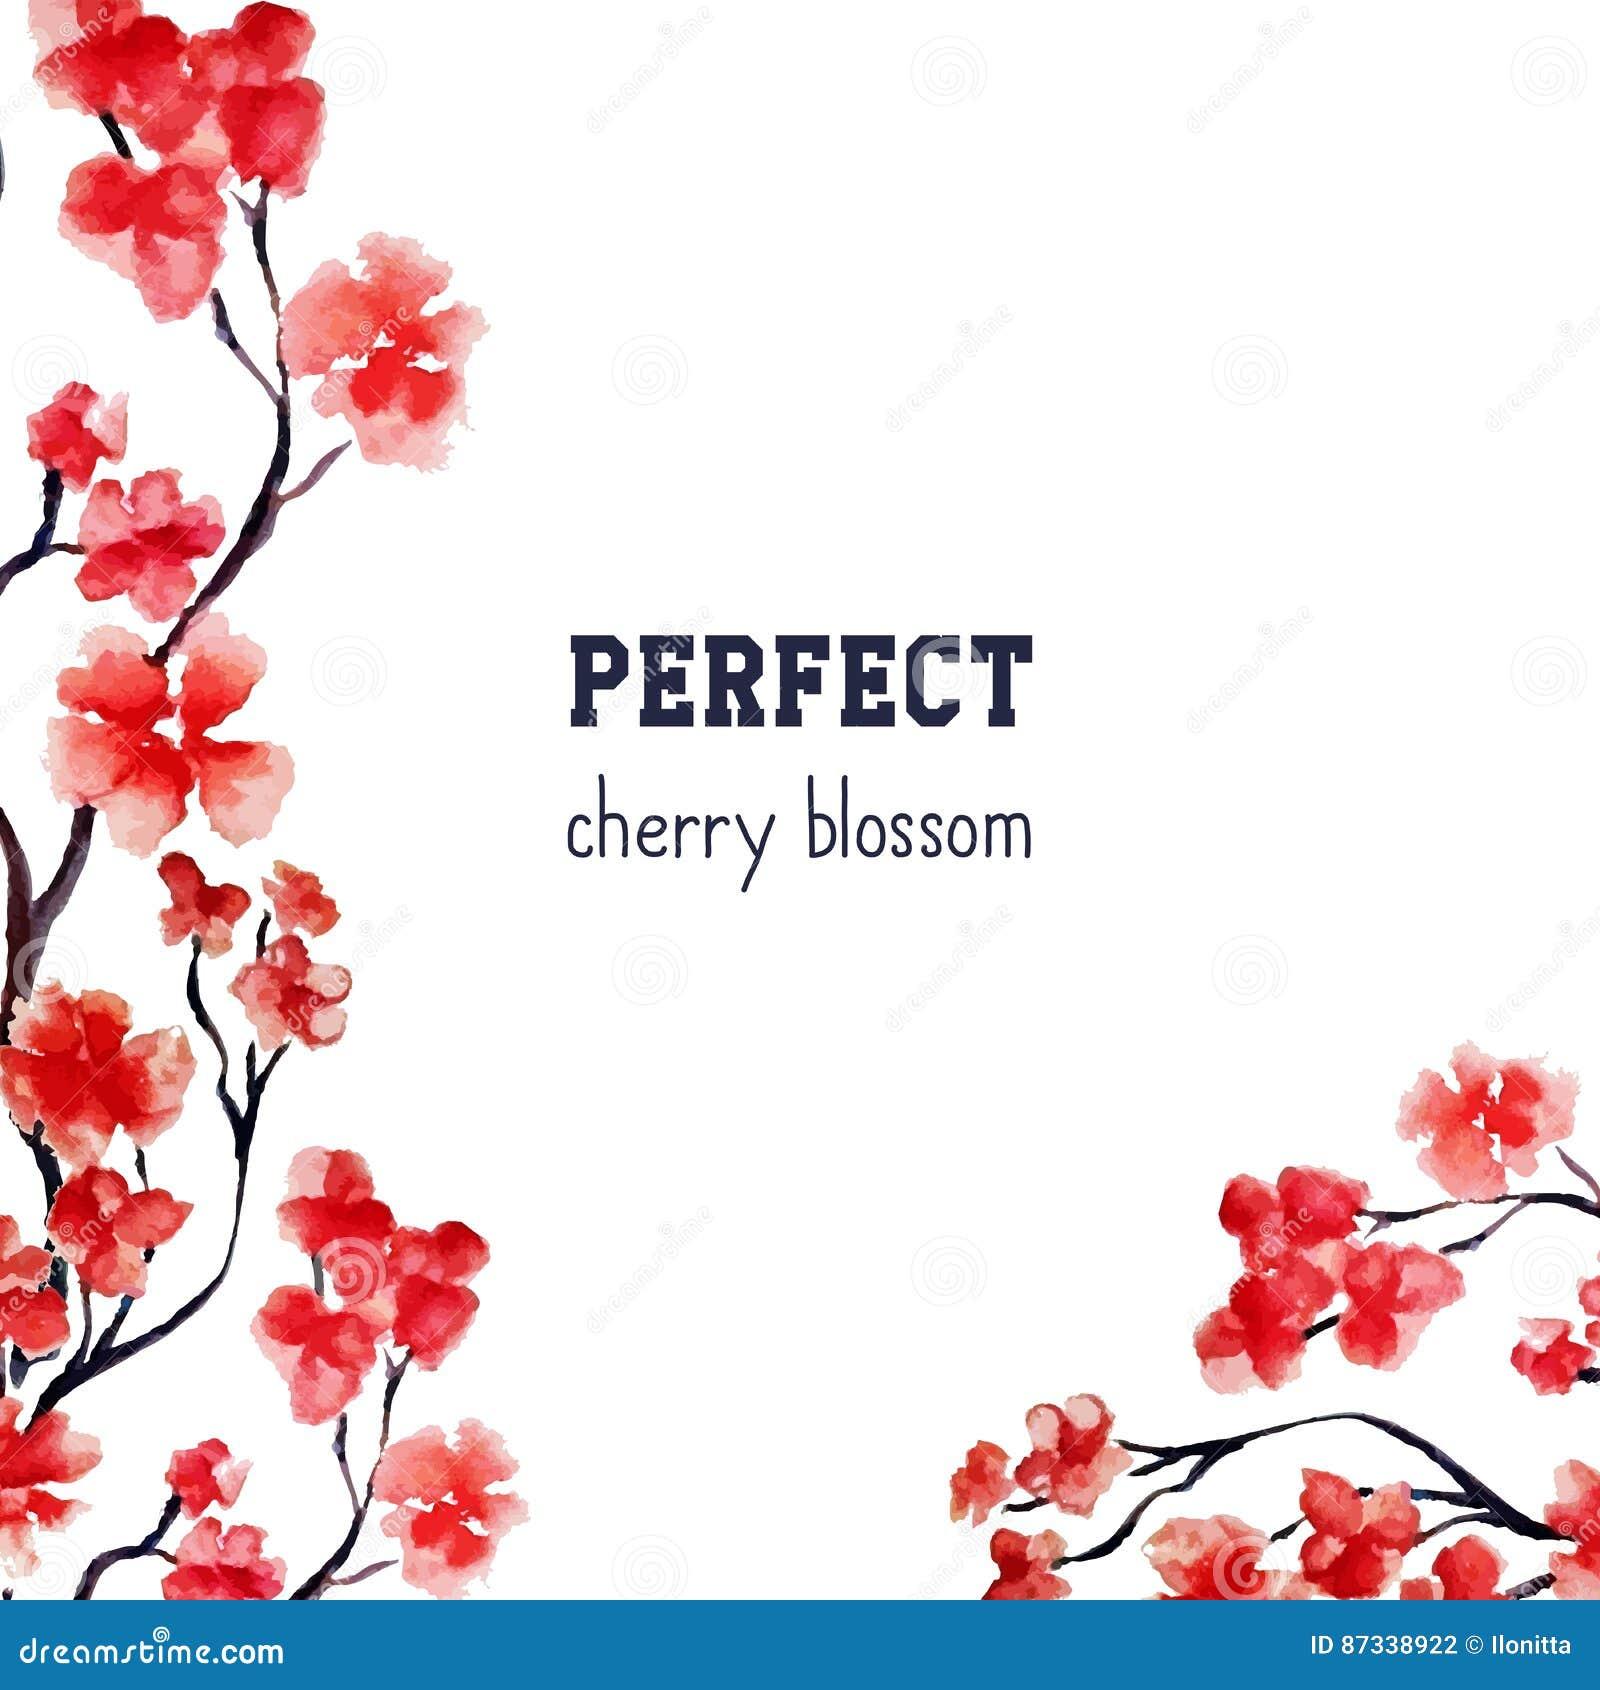 Flor realística de sakura - árvore de cereja vermelha japonesa isolada no fundo branco Pintura da aquarela do vetor clipping